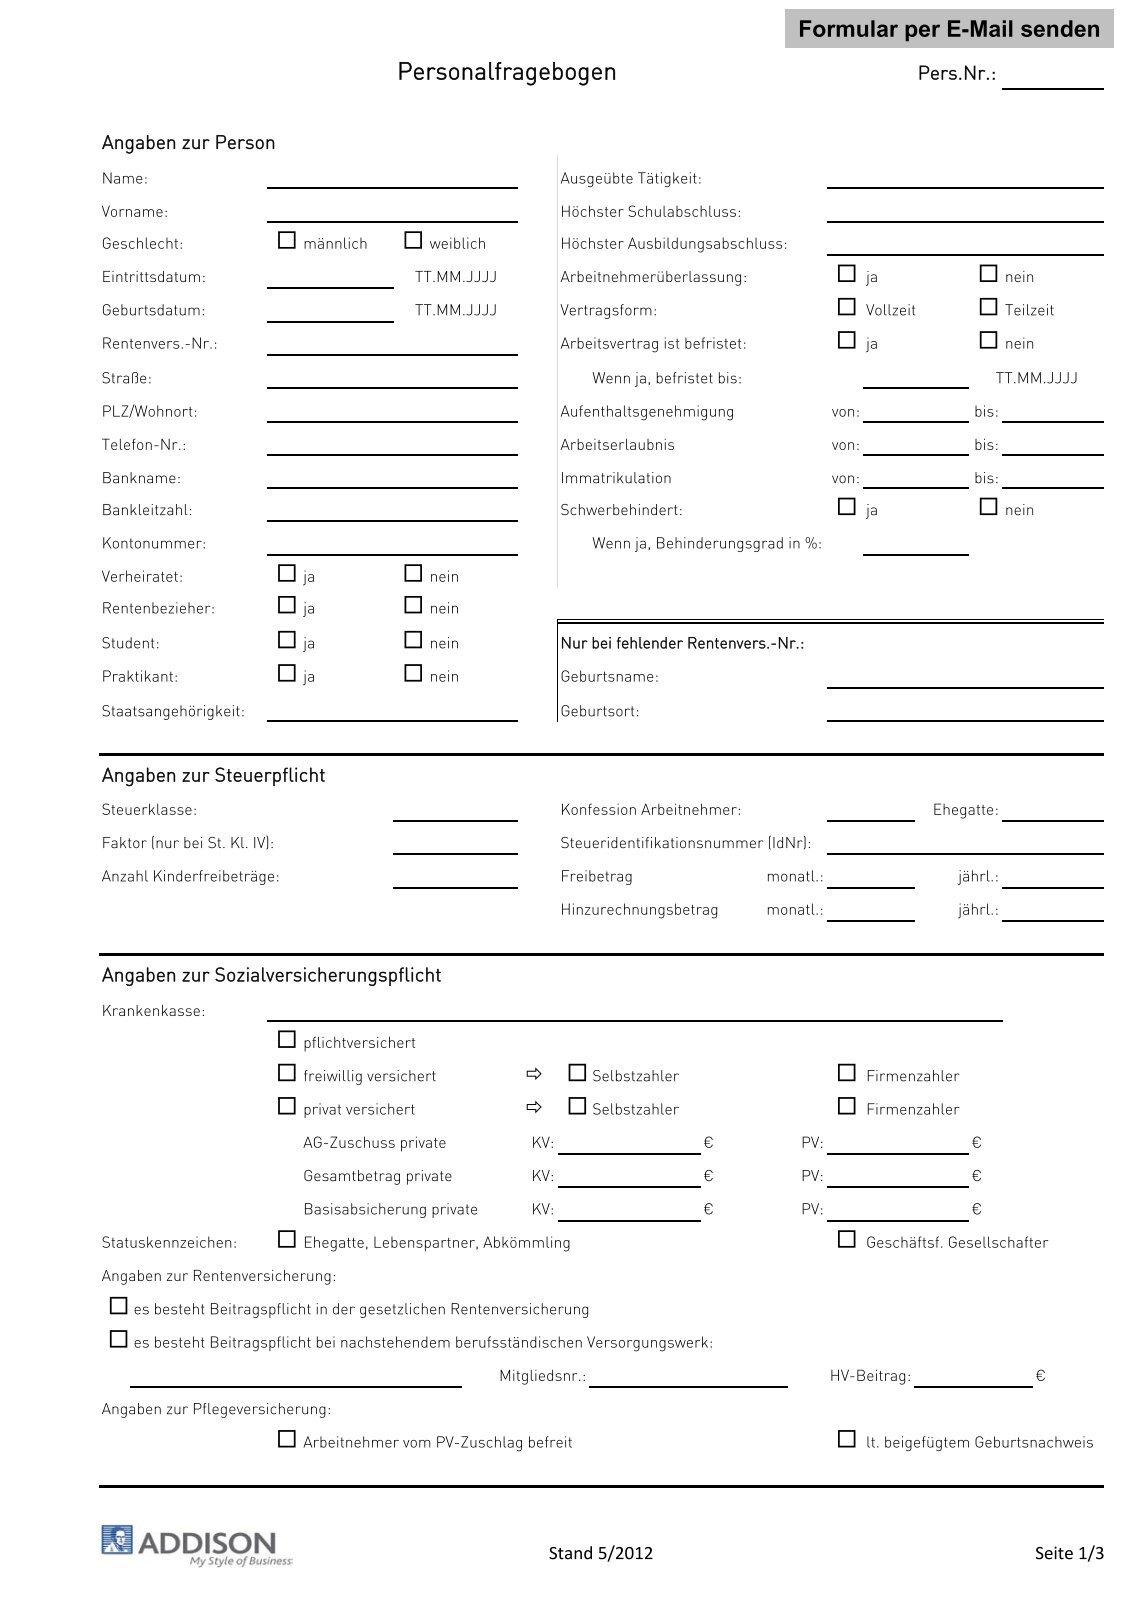 hsdpartnerde - Personalfragebogen Muster